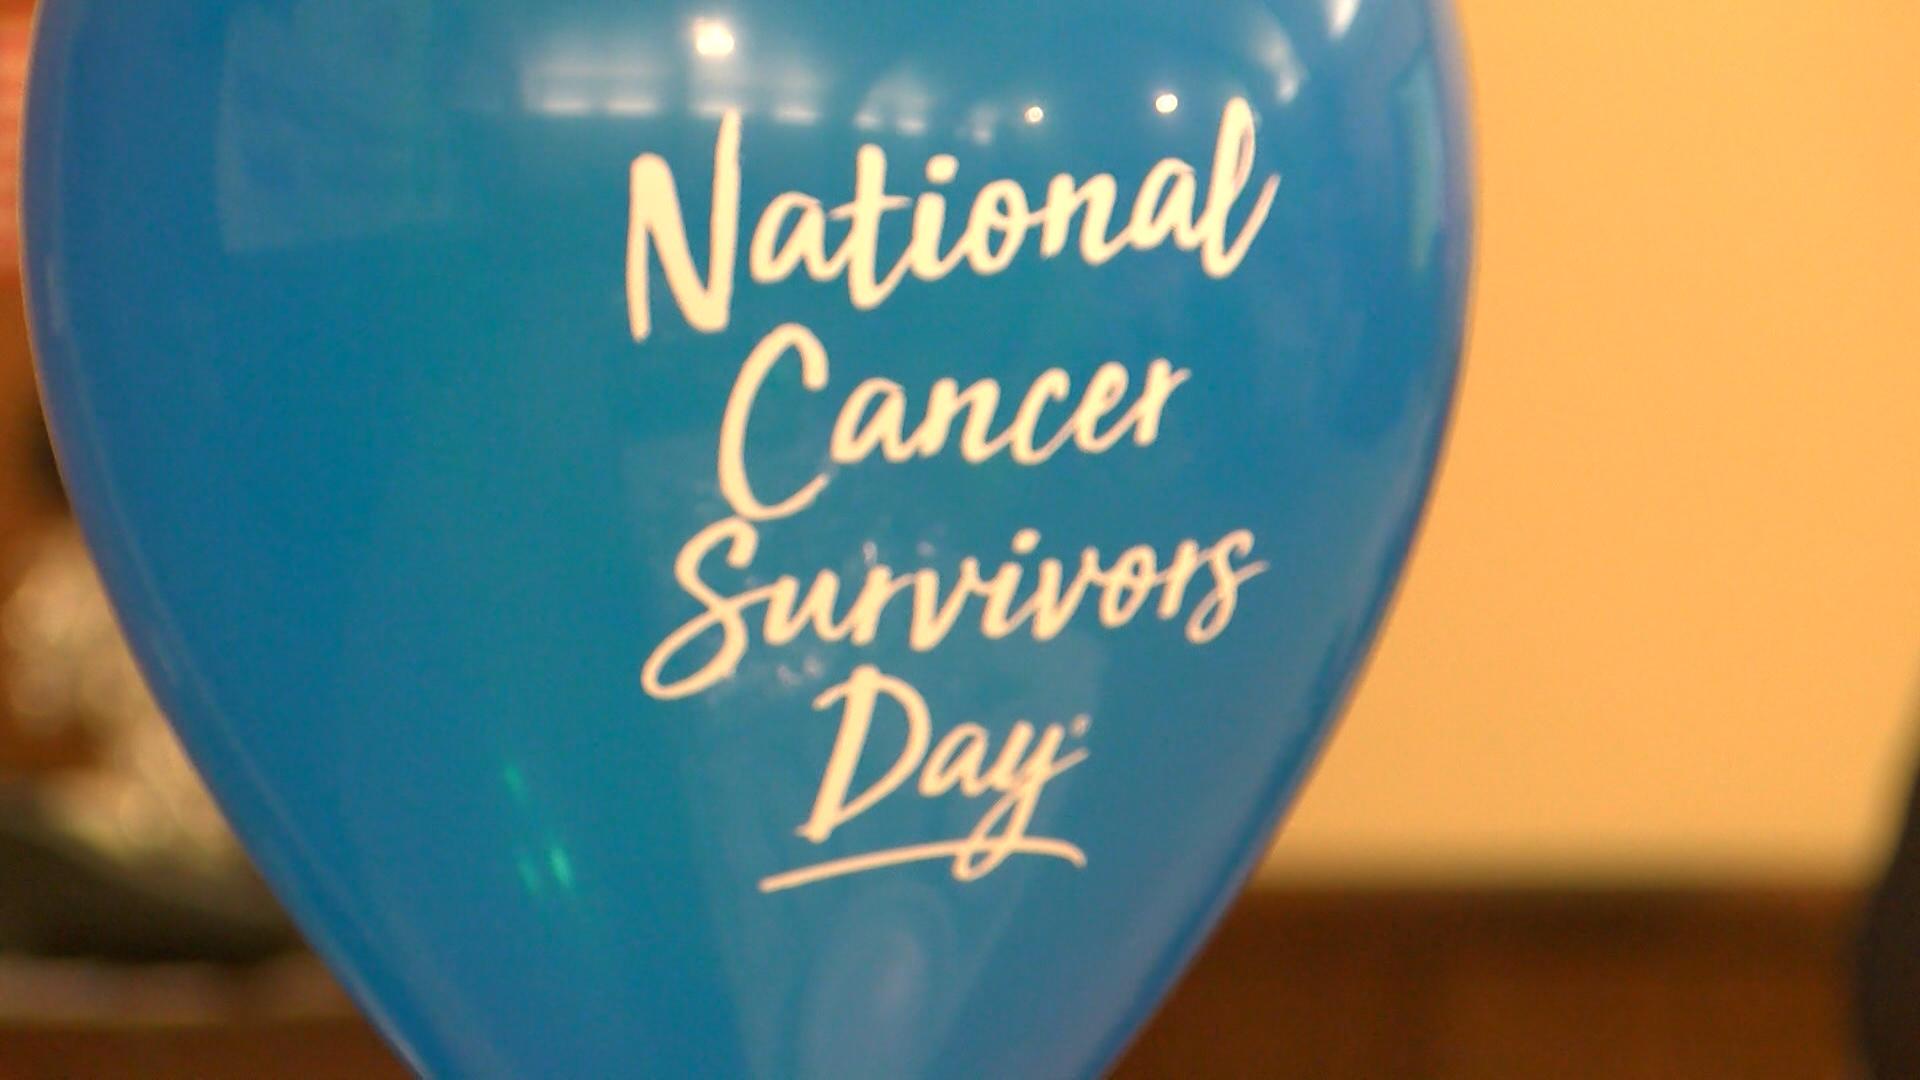 CANCER SURVIVOR DAY_1559508841461.jpg.jpg